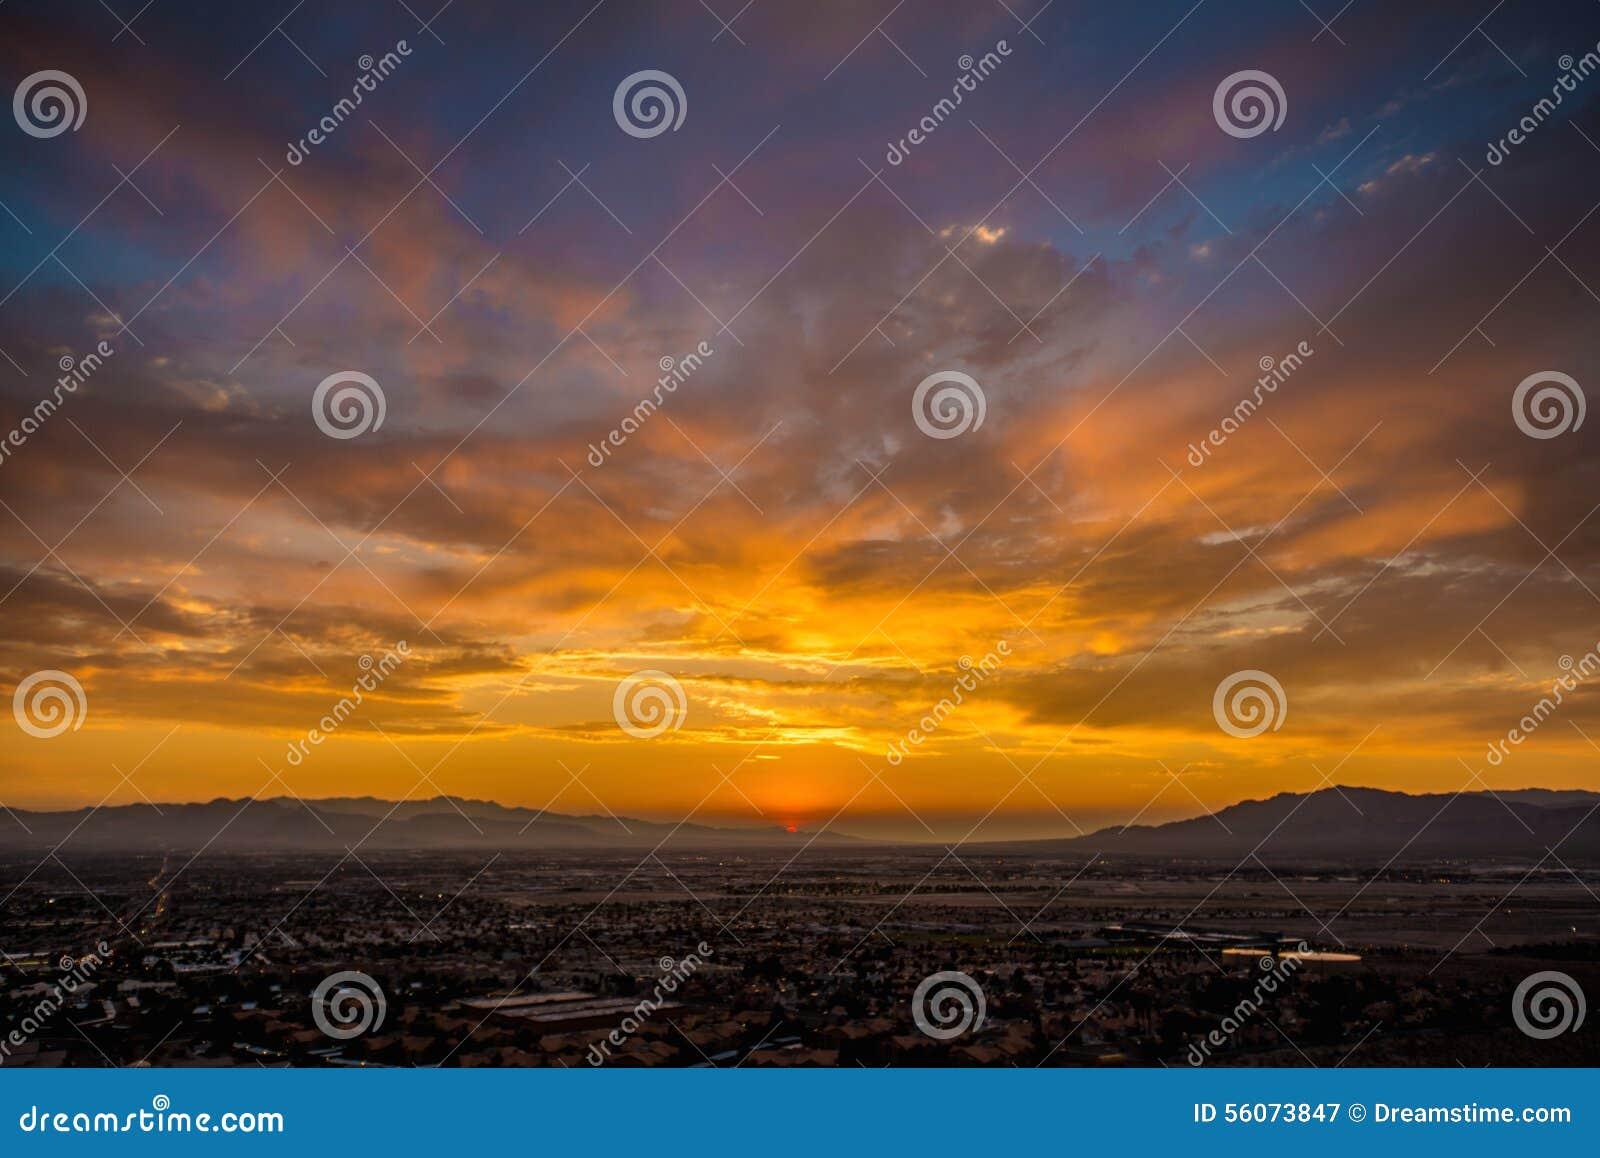 sunset in nv stock photo image 56073847. Black Bedroom Furniture Sets. Home Design Ideas